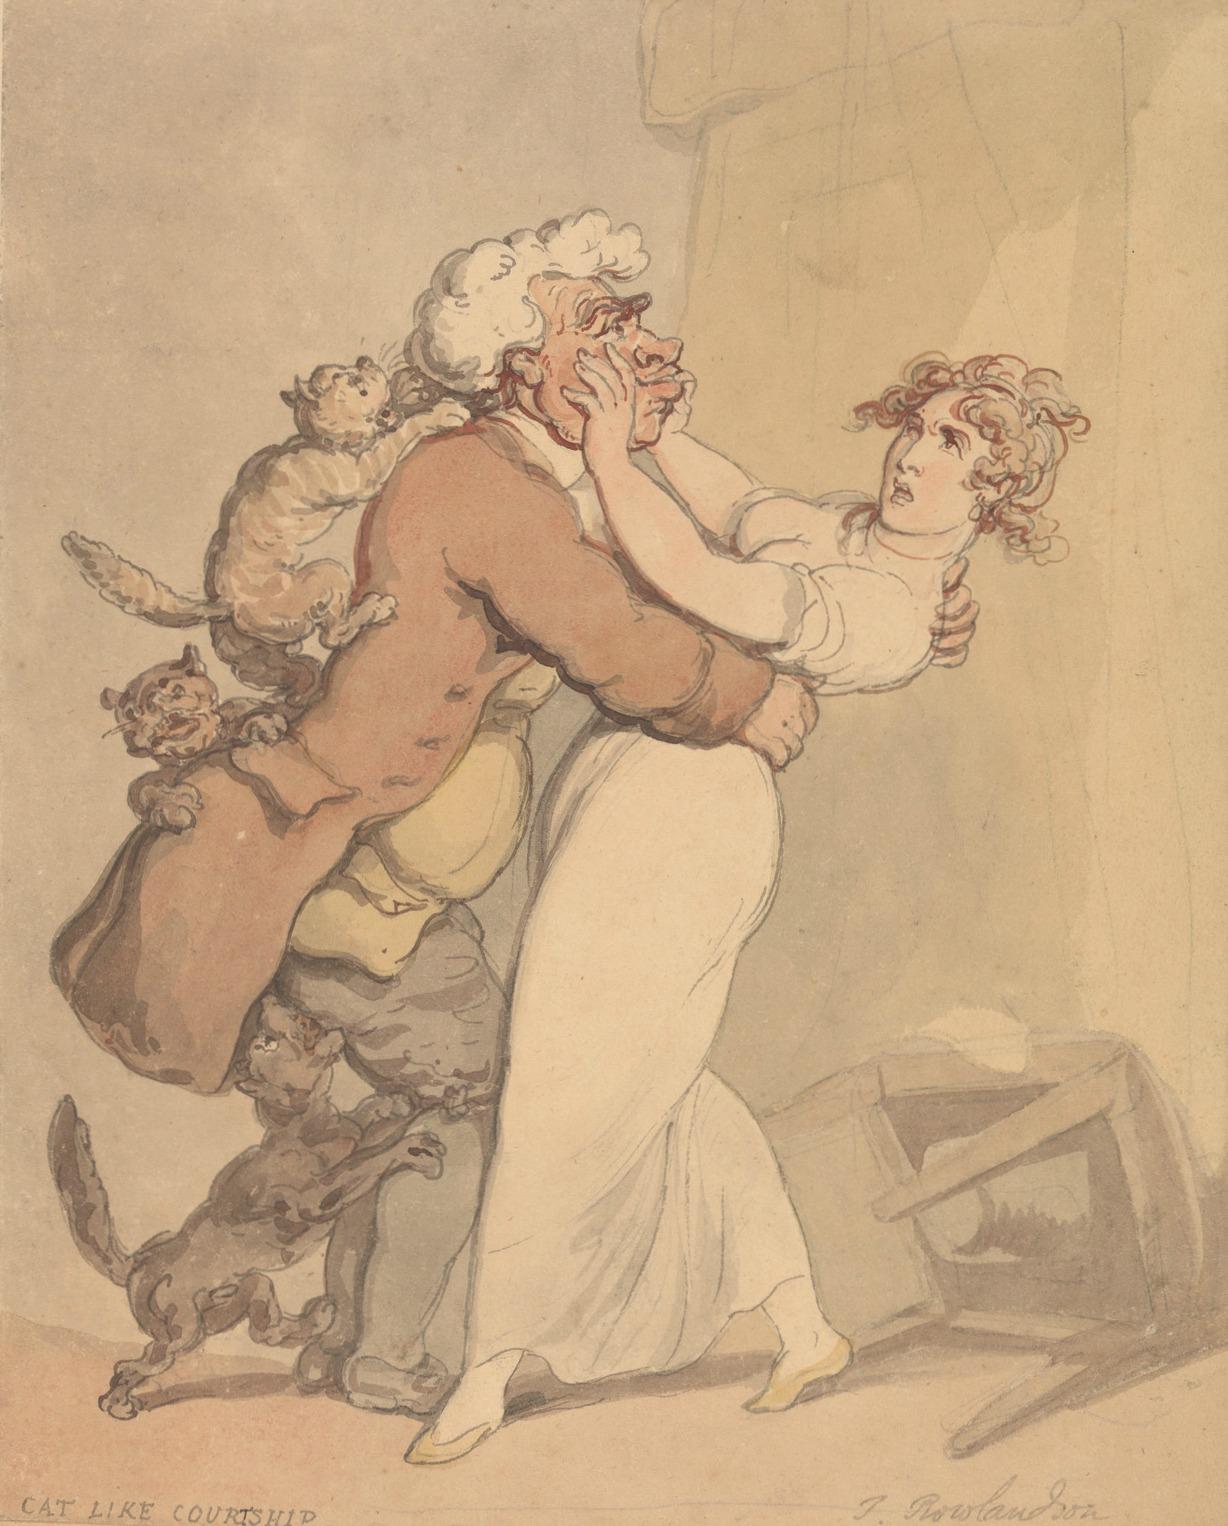 Димочка, фривольные картинки 19 век